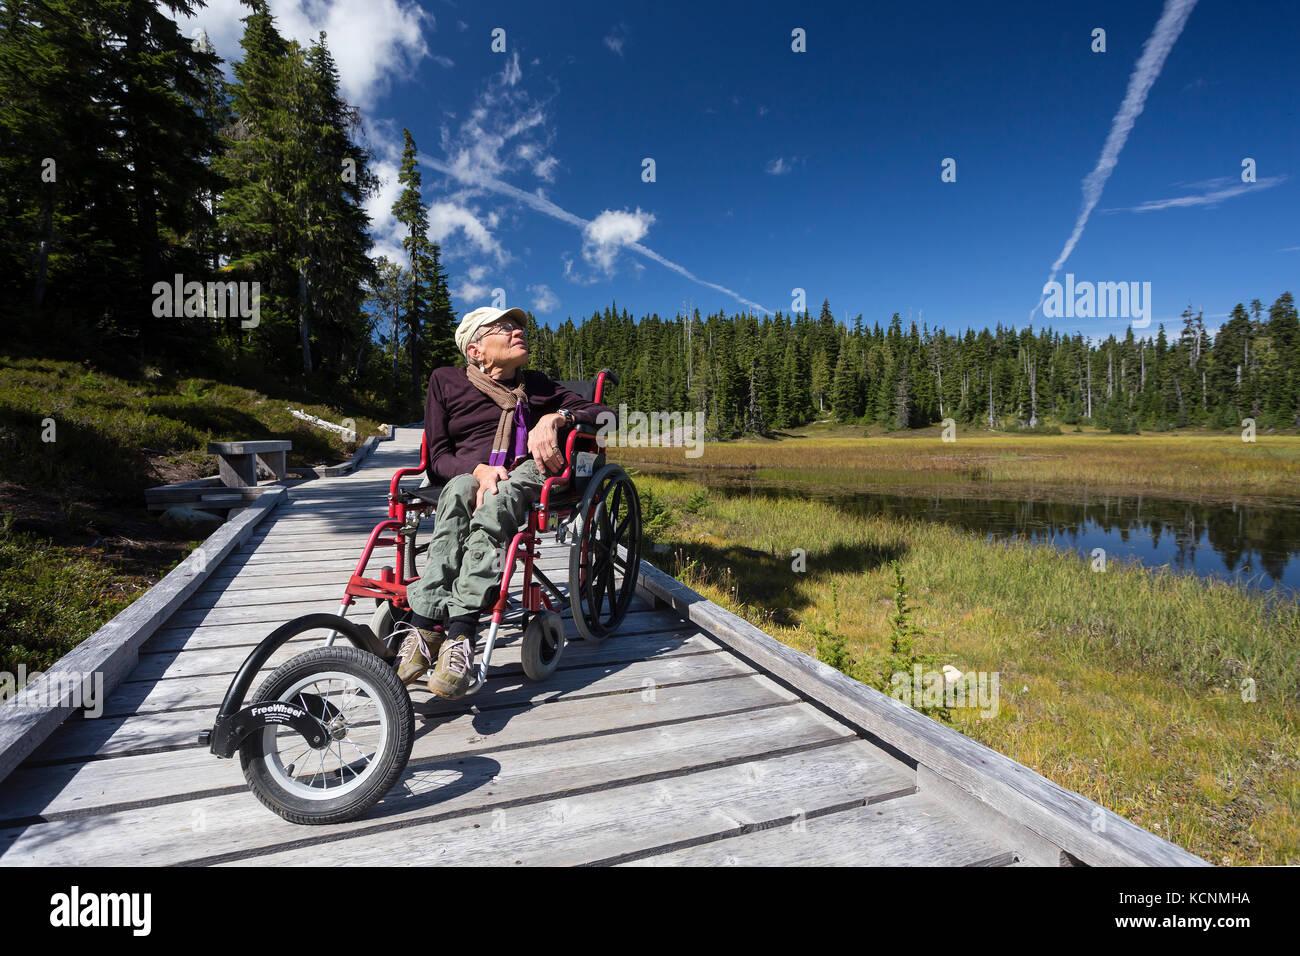 Promenaden im Paradies wiesen sorgen für Barrierefreiheit für behinderte Leuten erhalten, die auch die Stockbild